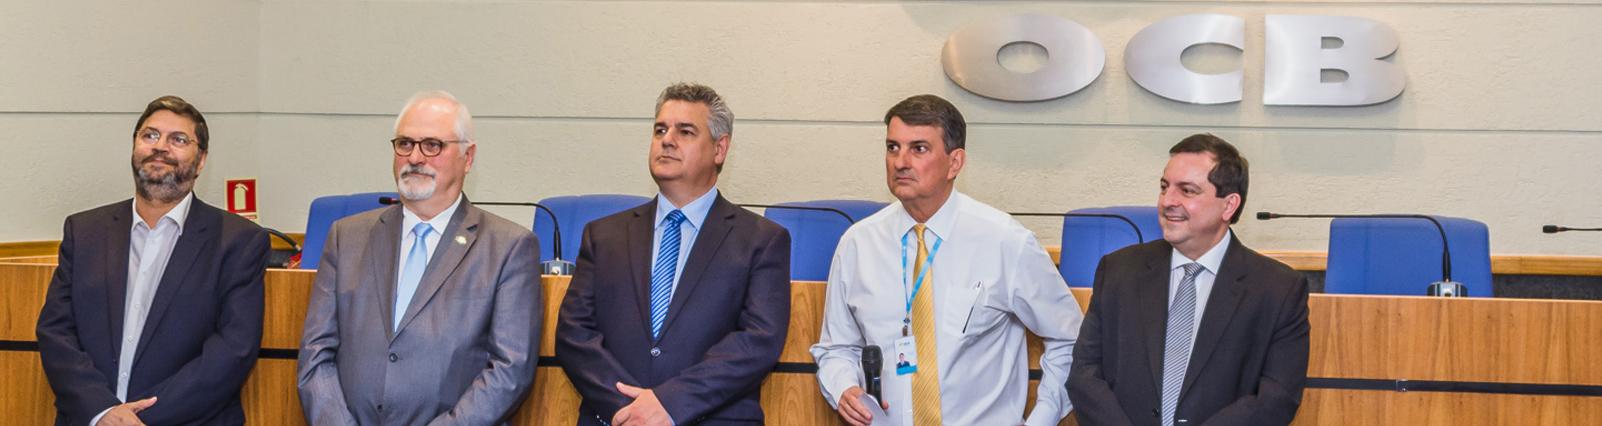 2º ciclo do programa Qualifica Unimed é lançado em Brasília